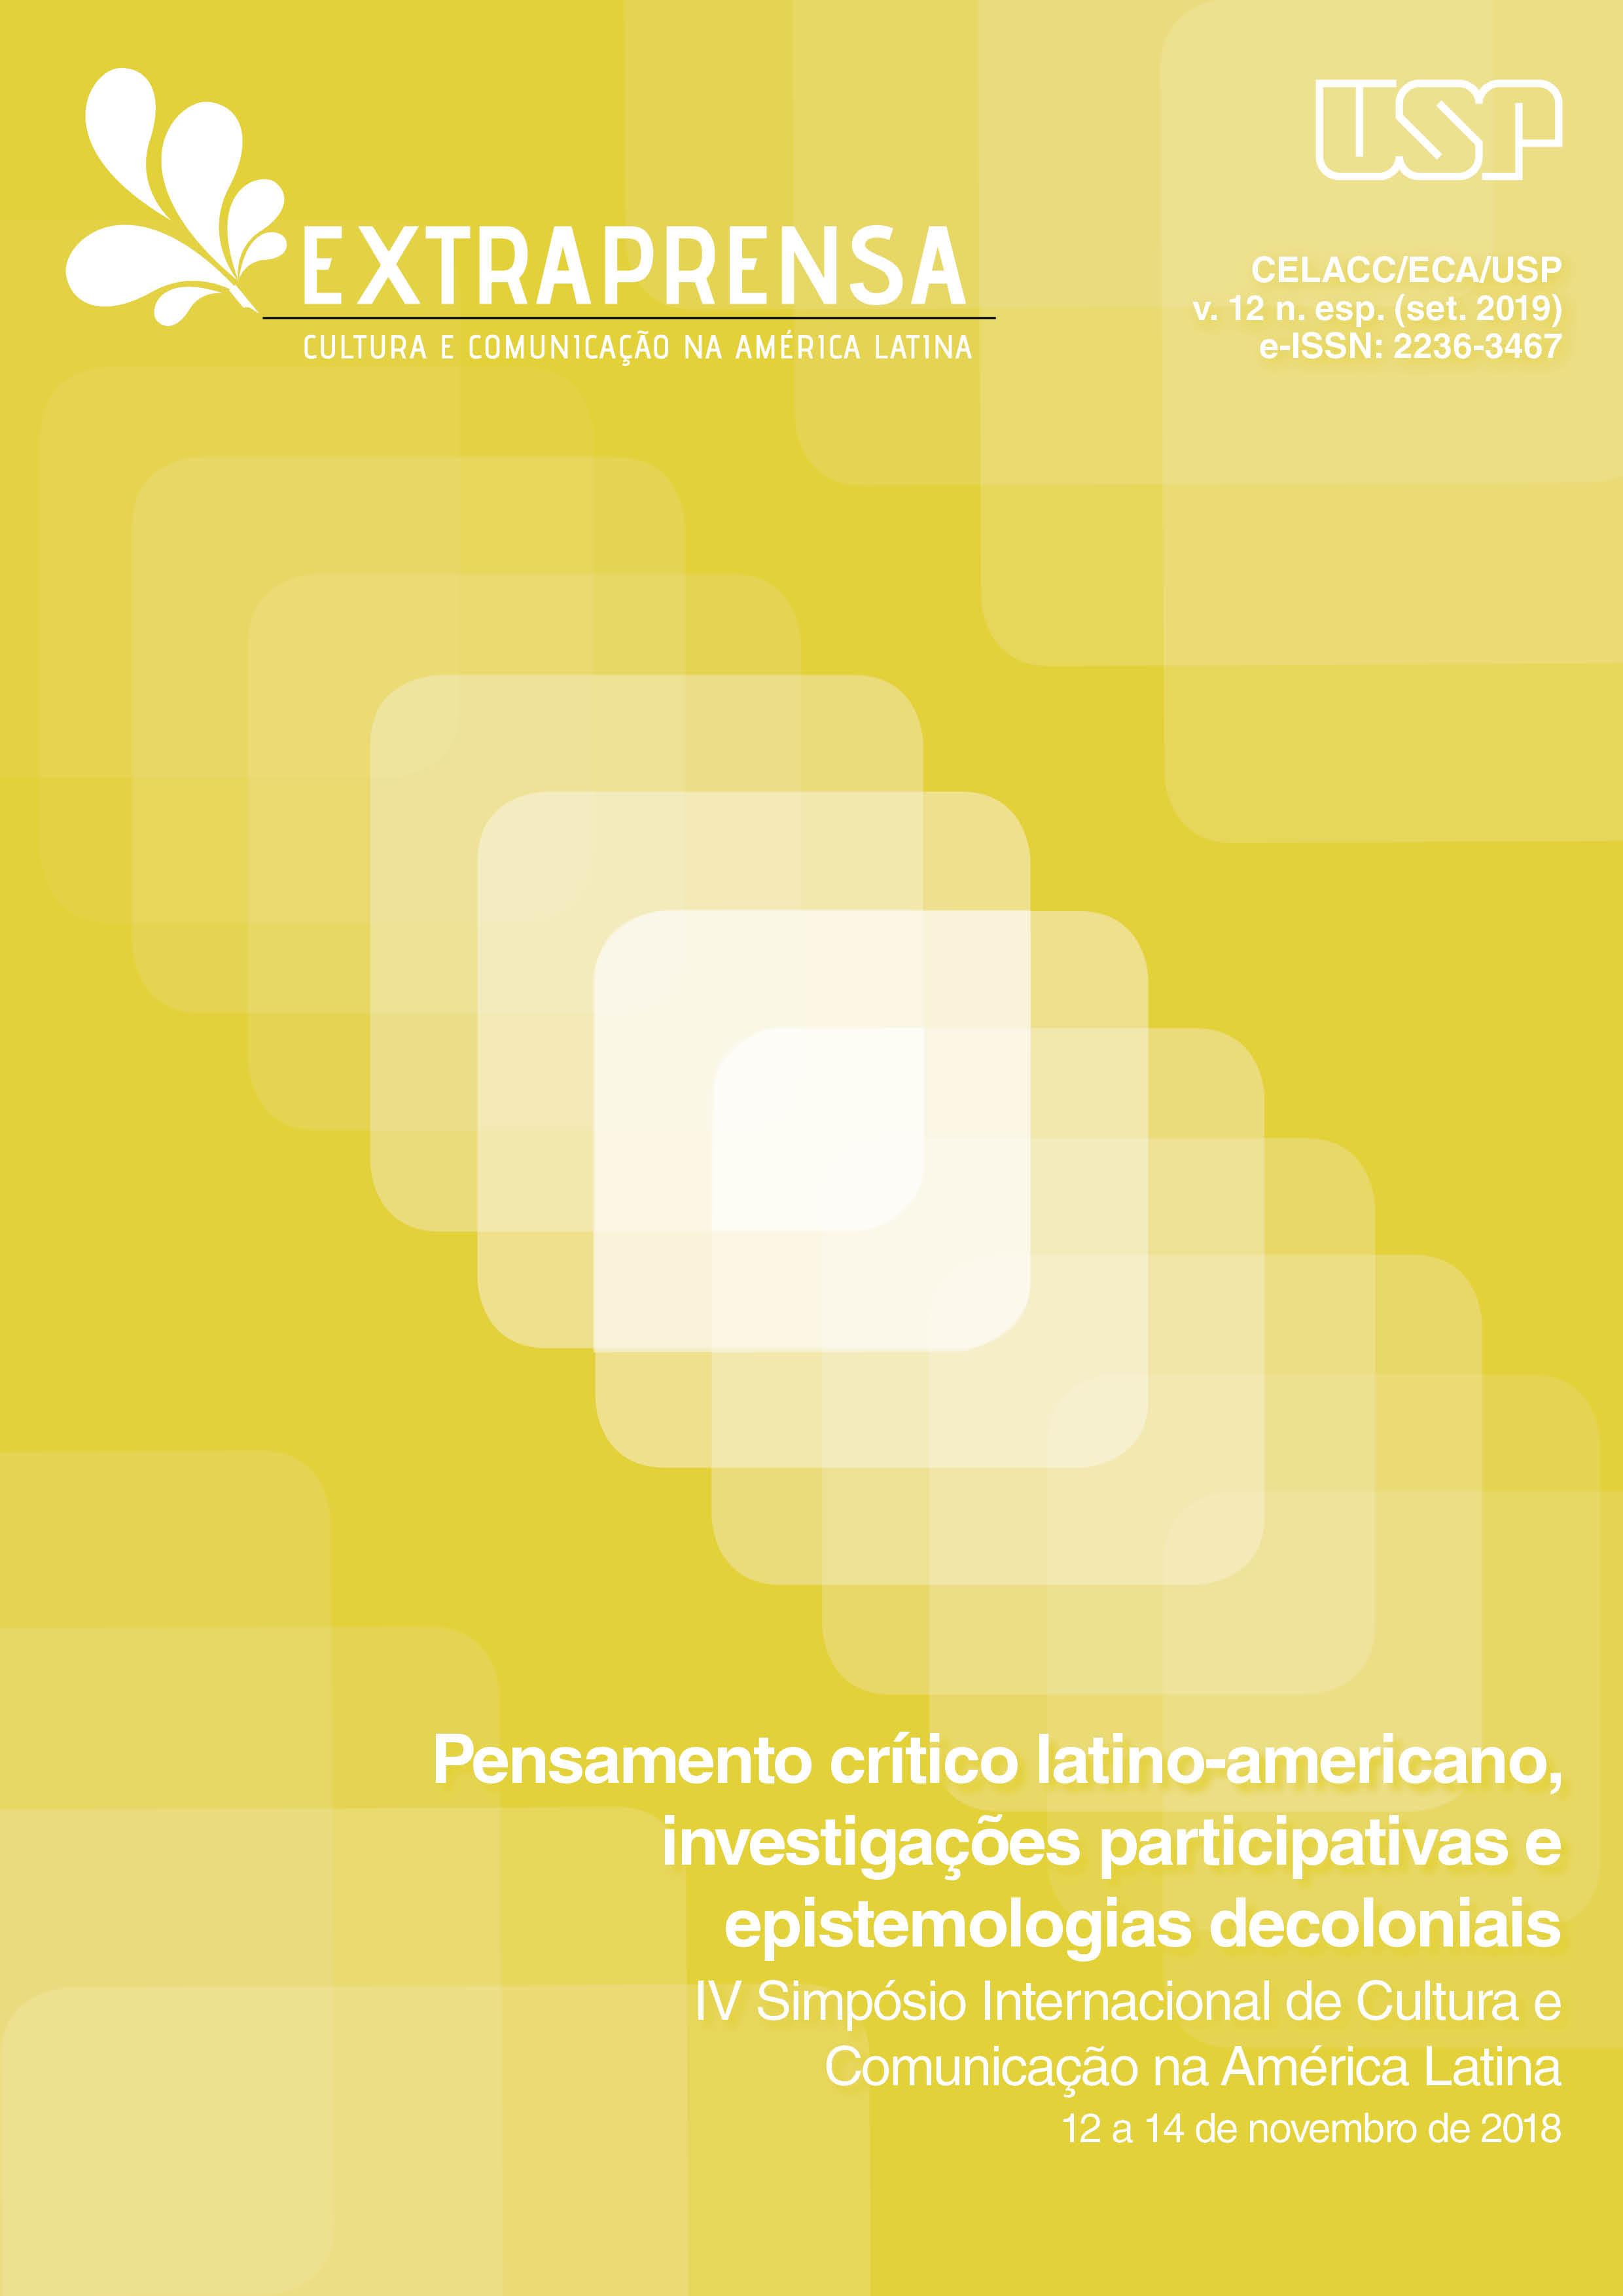 Visualizar v. 12 (2019): IV Simpósio Internacional de Cultura e Comunicação na América Latina